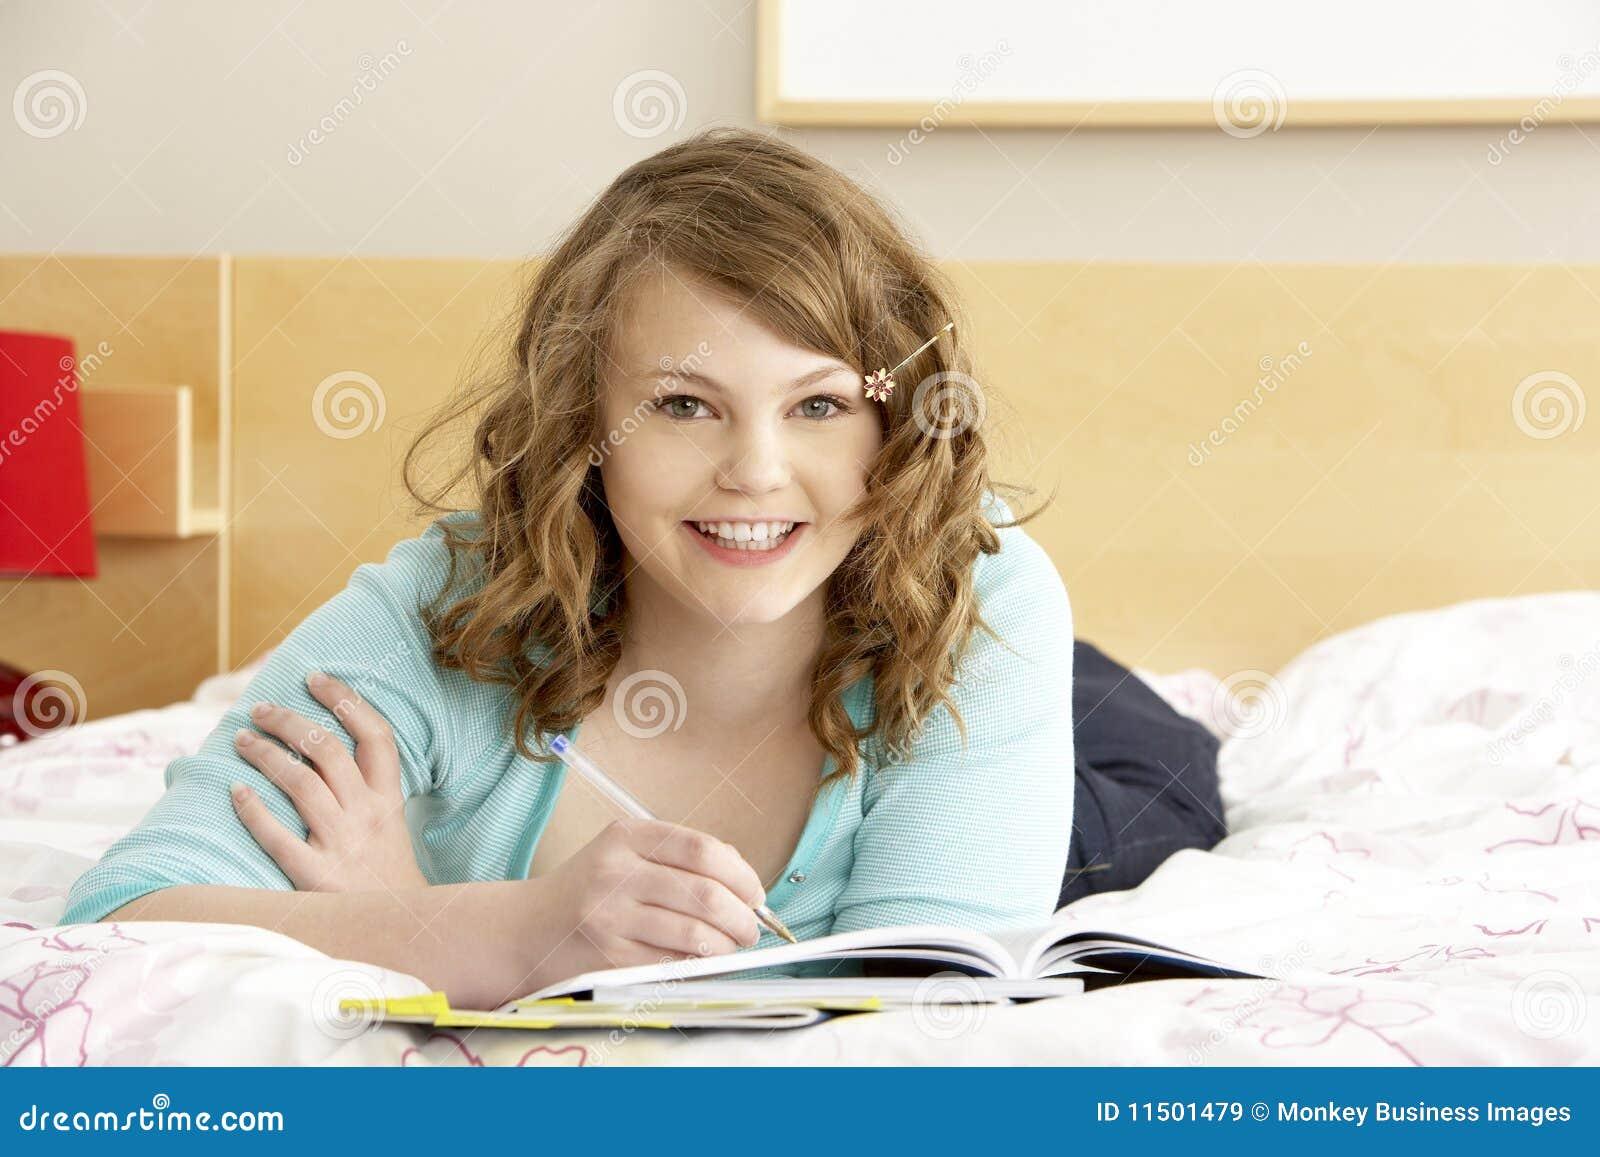 Jugendliche schreiben im tagebuch im schlafzimmer for Schlafzimmer jugendliche